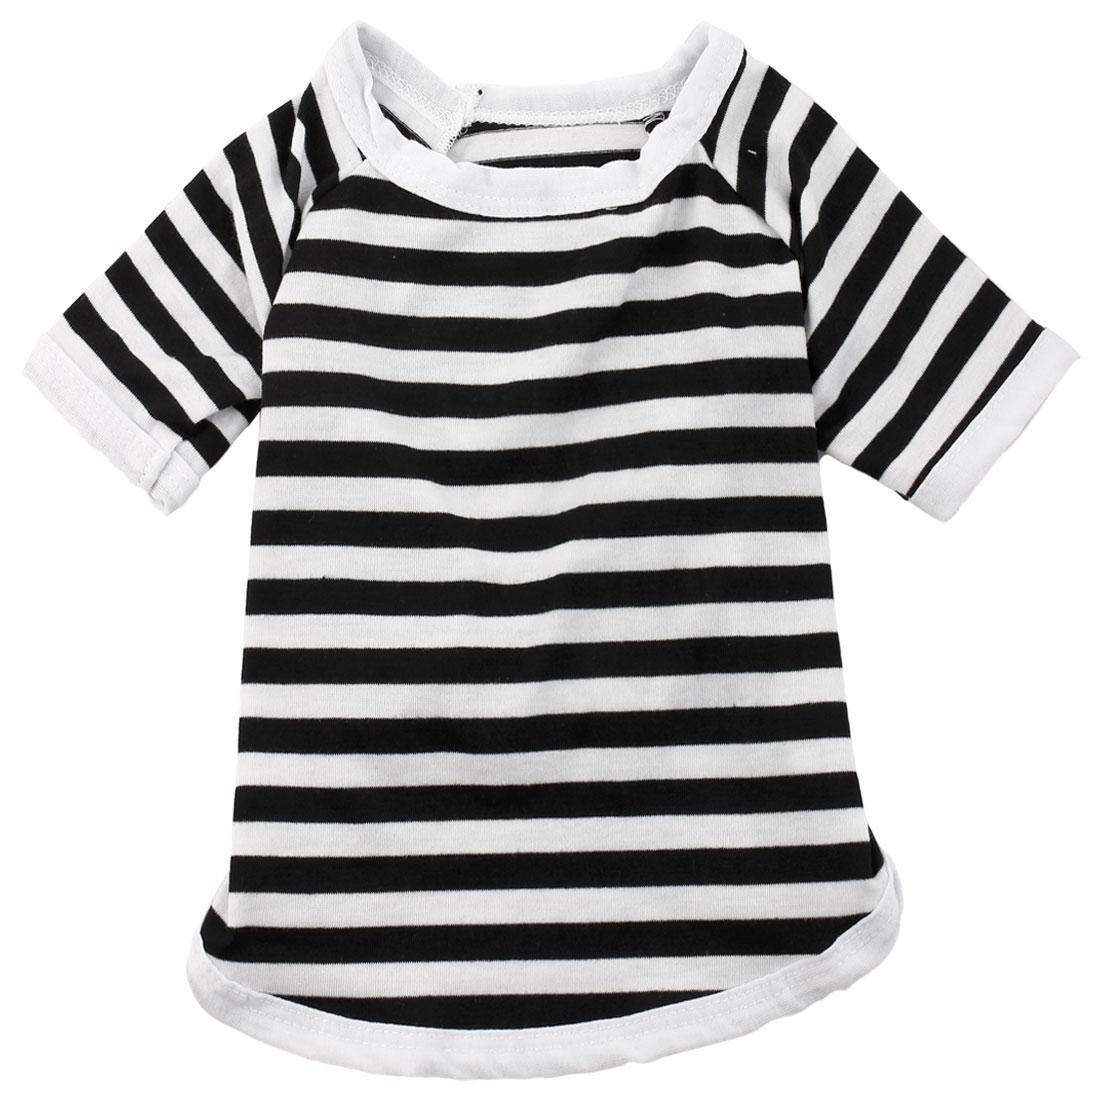 Pet Cat Cotton Blend Summer Coat Clothes T-shirt Apparel Costume Black White XL